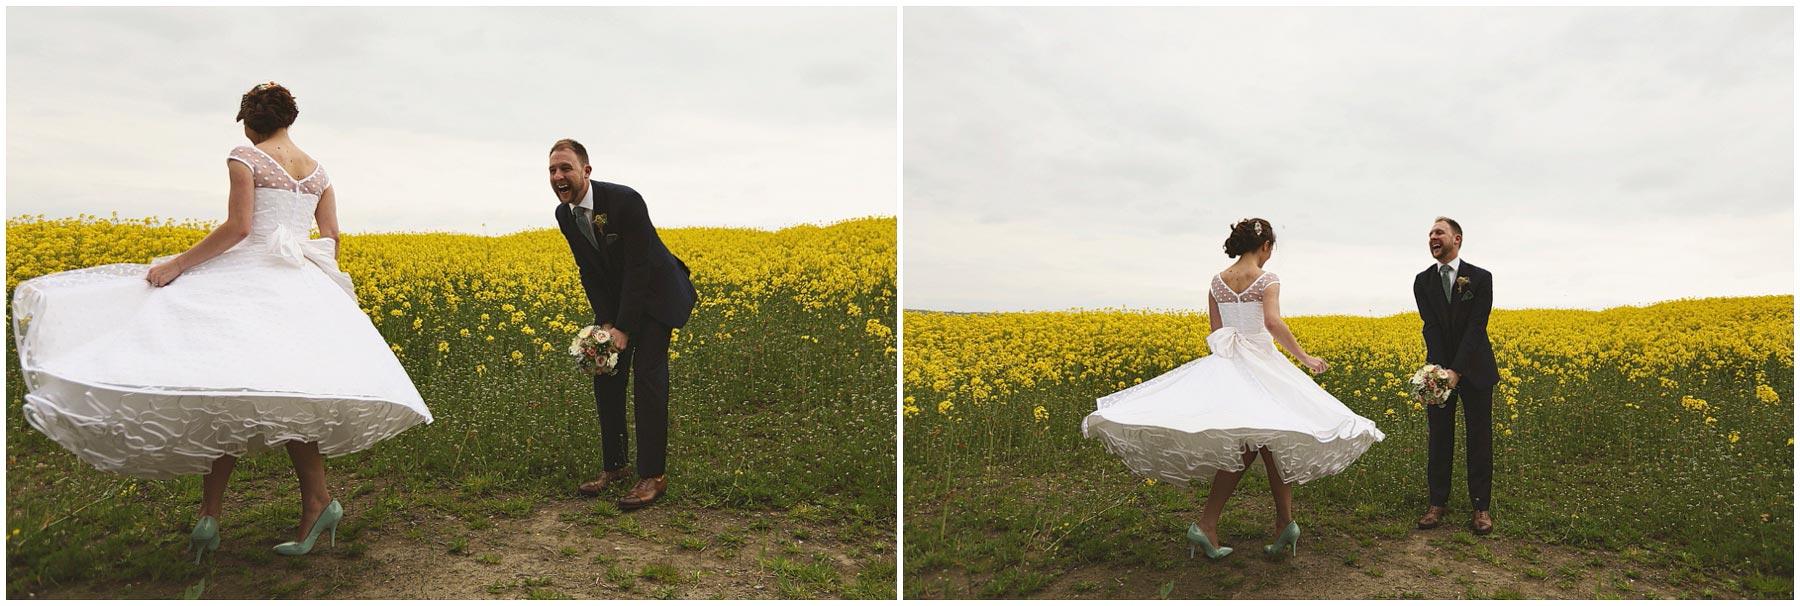 the-spiced-pear-wedding-photographer_0073